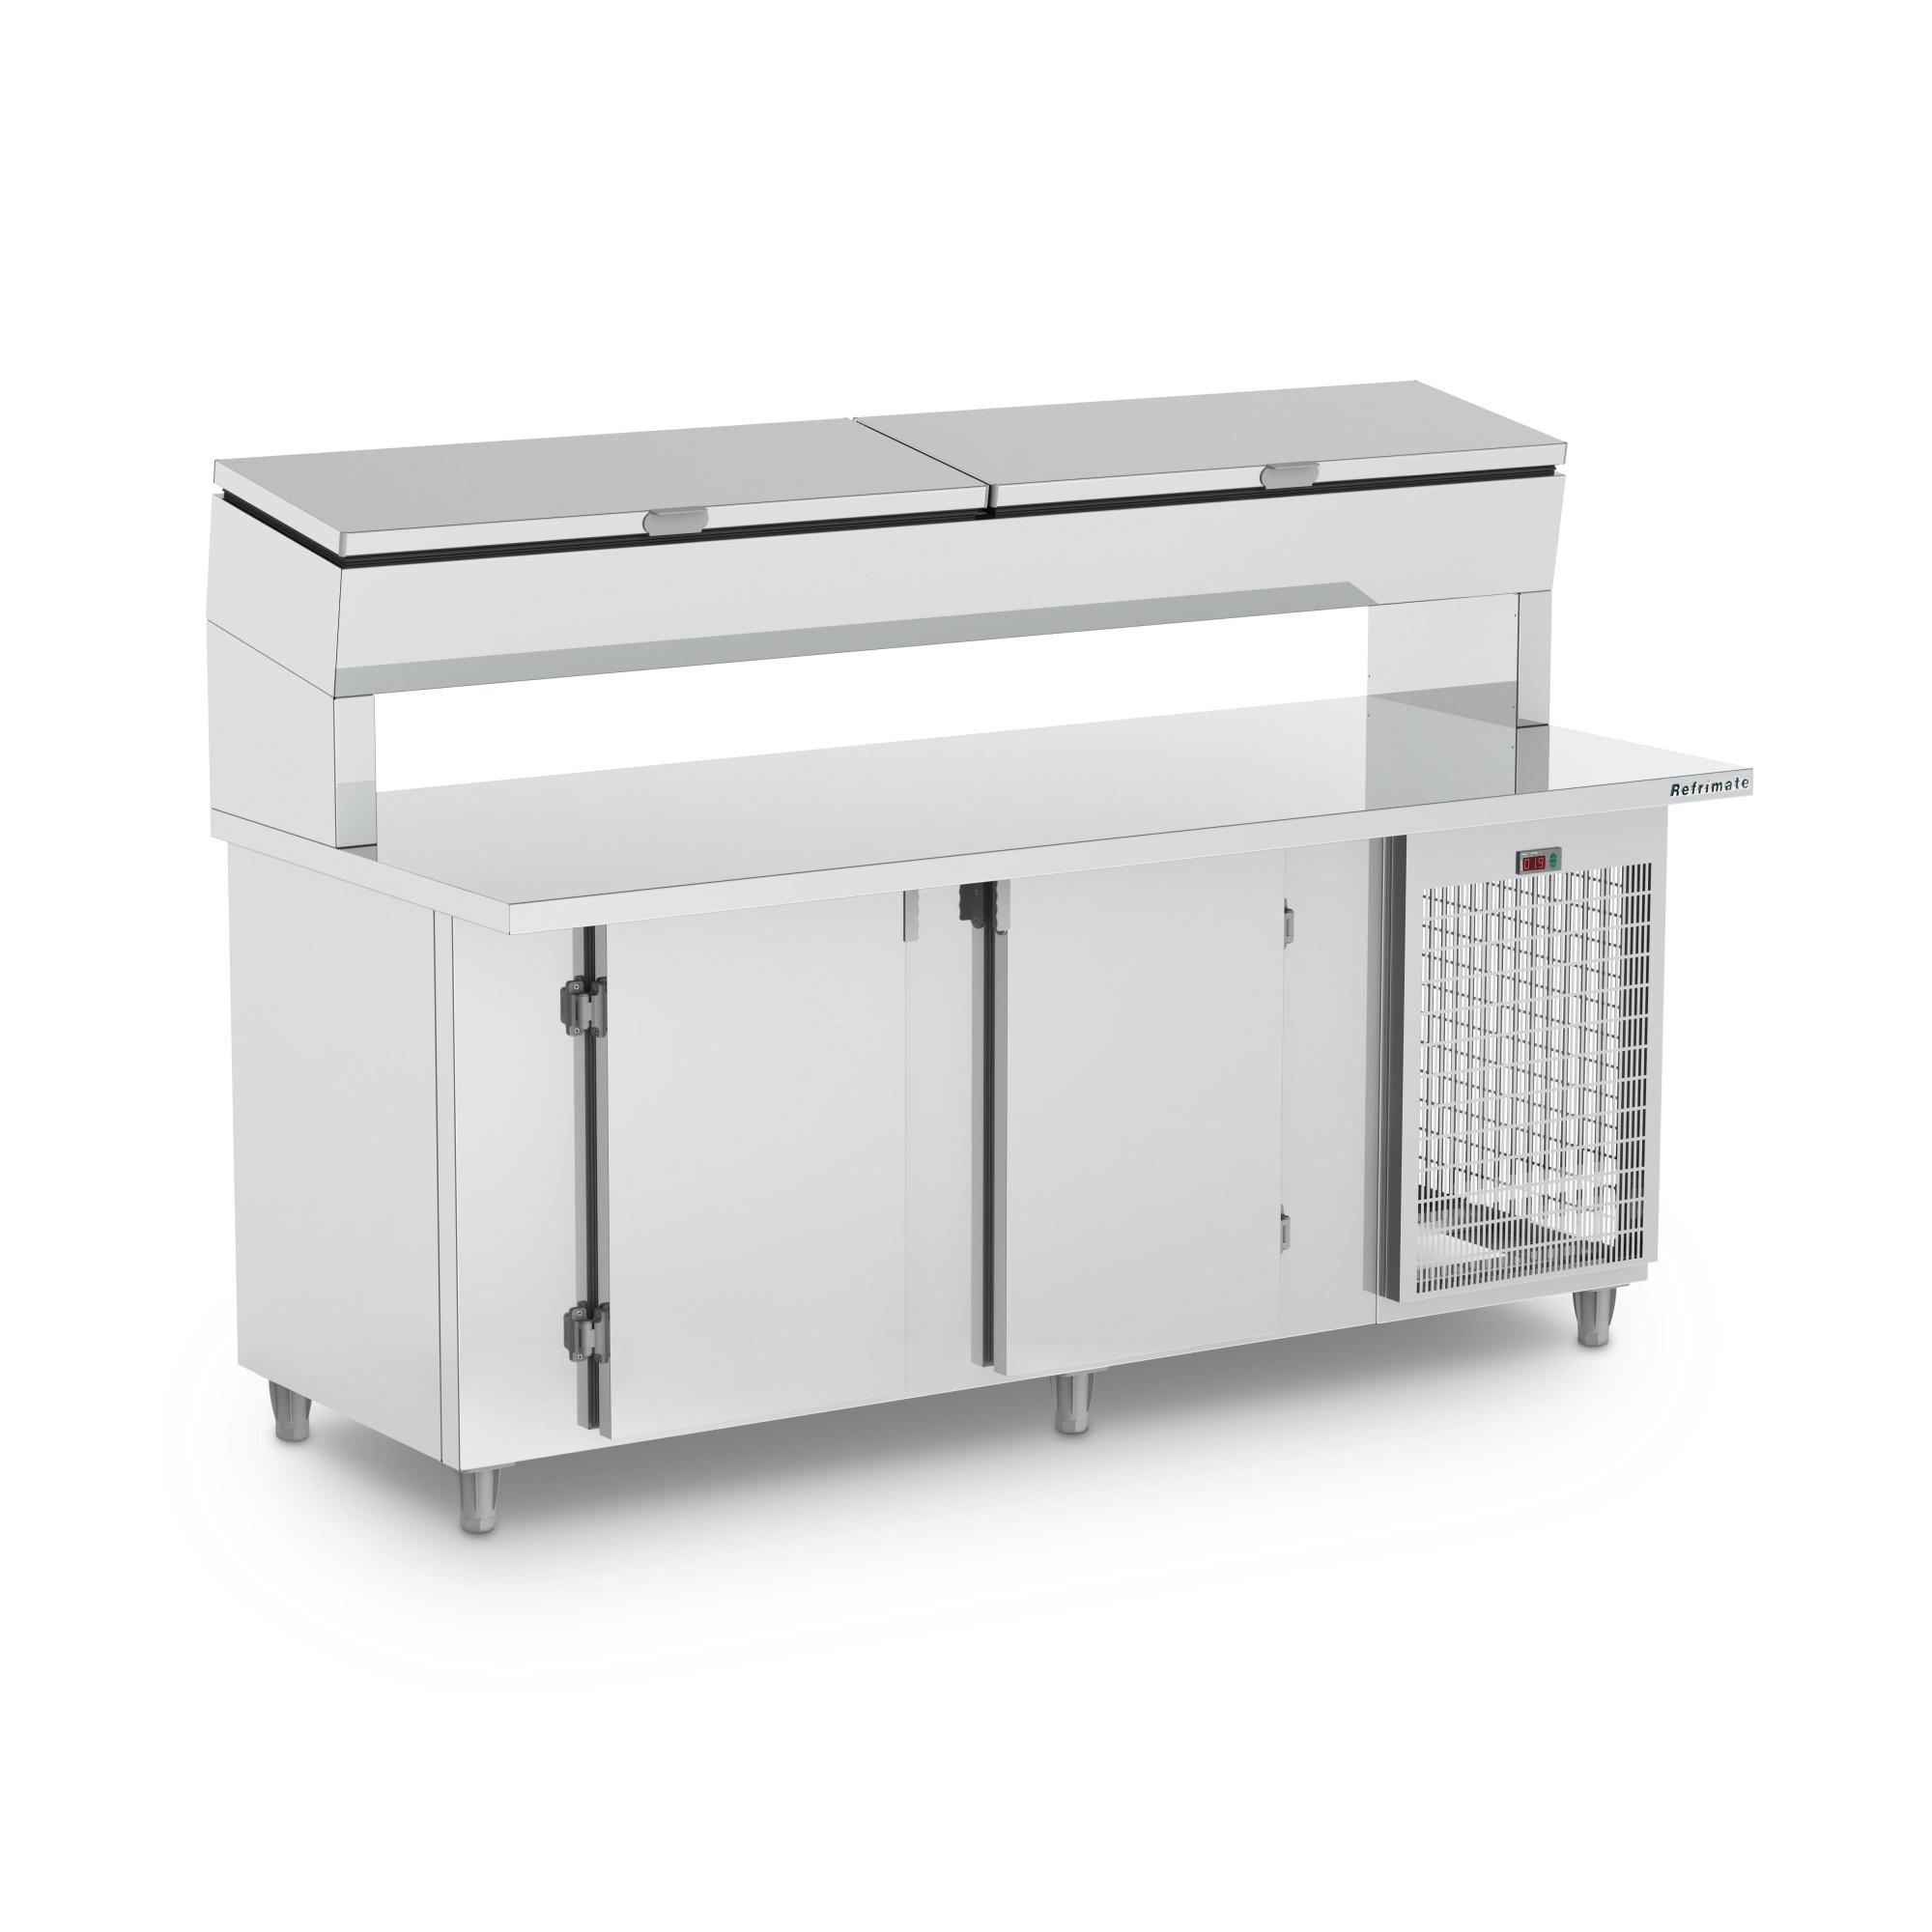 Balcão Condimentadora 2,5m Refrigerado Refrimate - BSRC 2500